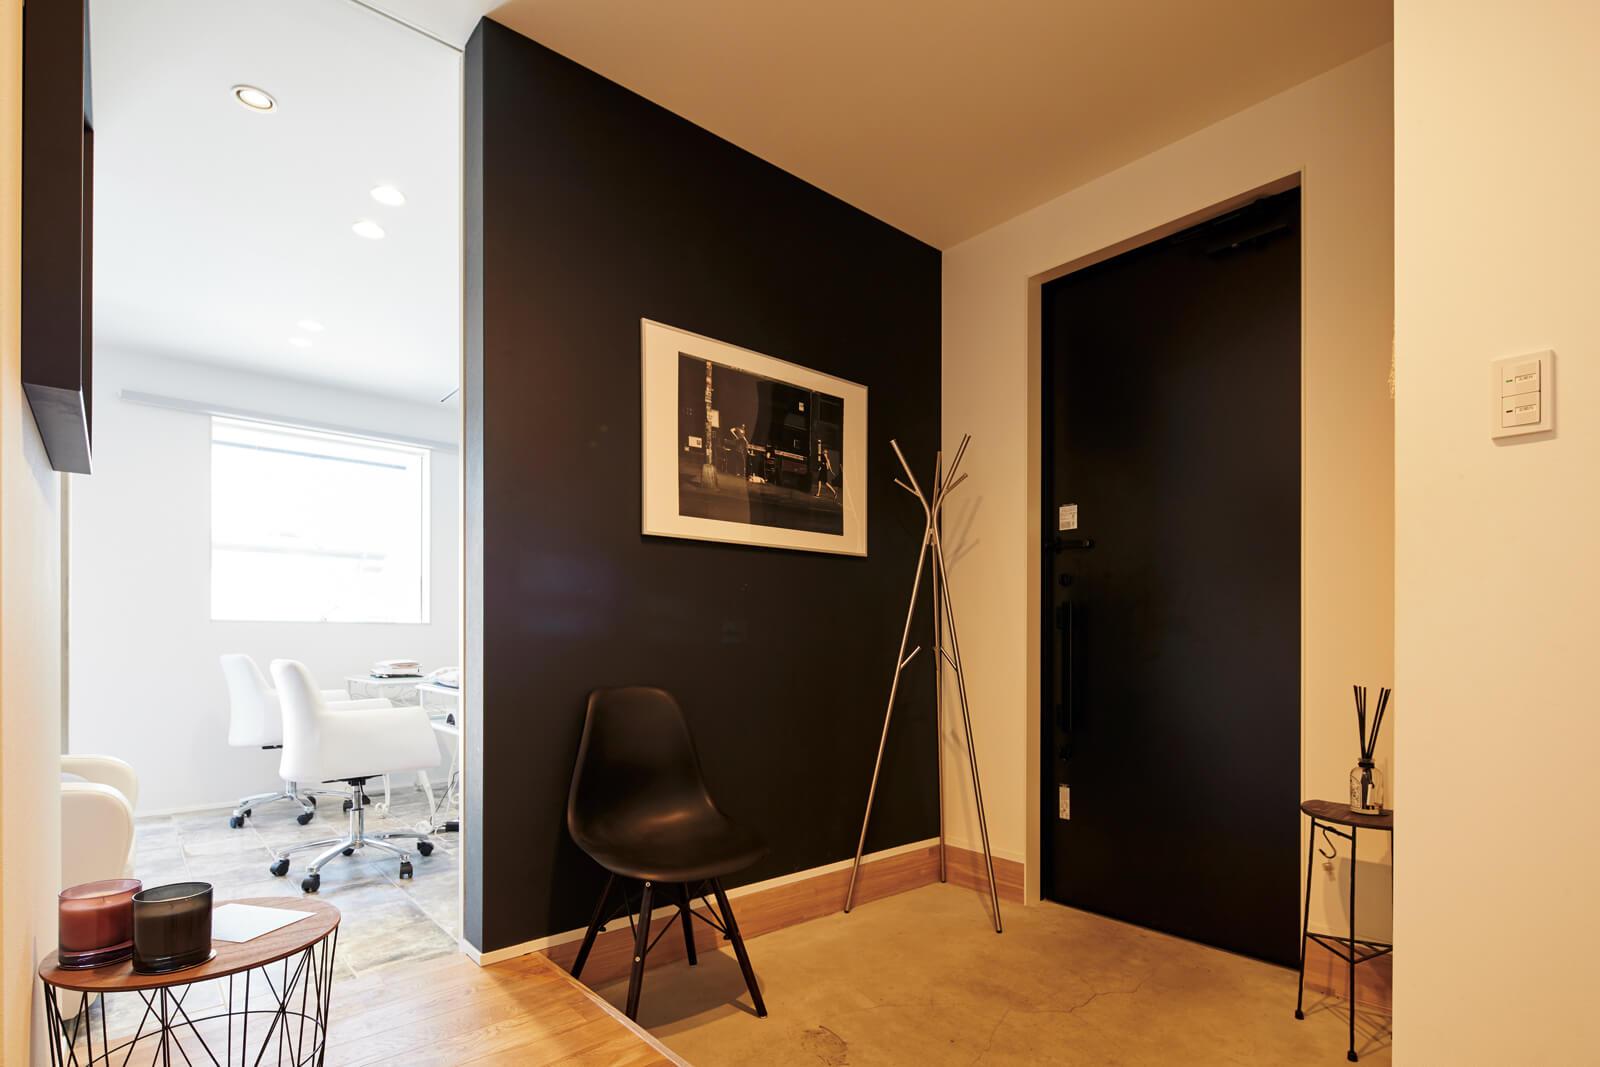 玄関右側の大きな引き戸を開けるとネイルサロンが。住まい側の床面を10cm程度高くして空間を仕切るつくりに